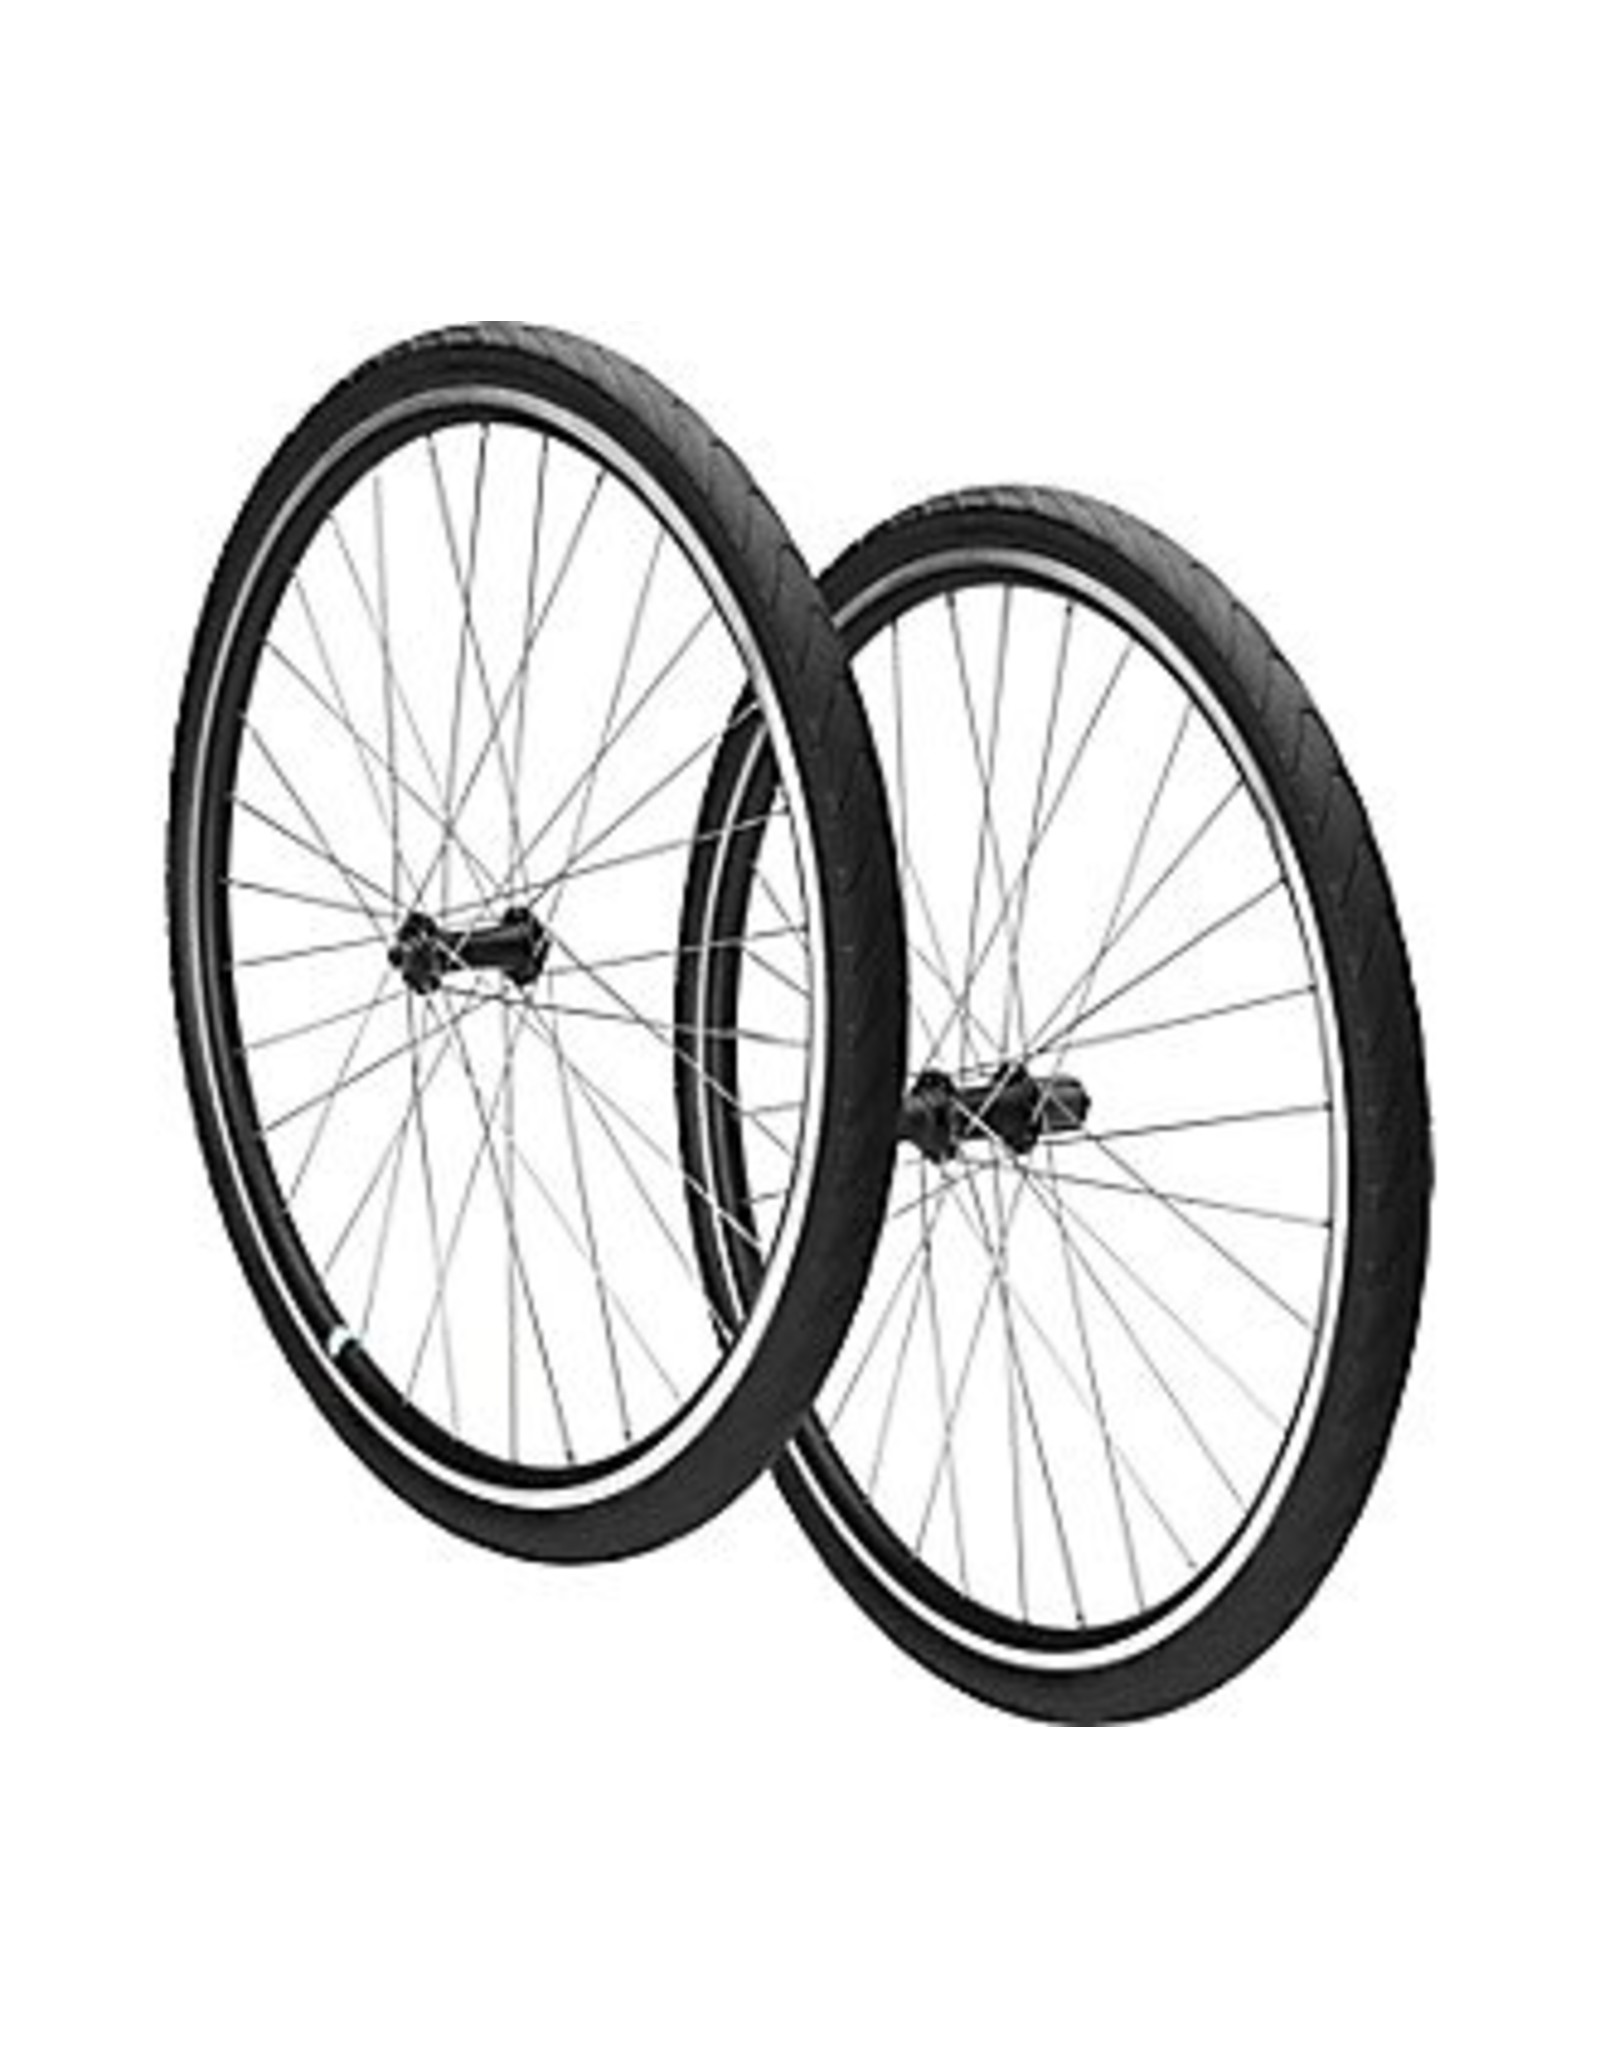 SPECIALIZED Specialized Alibi Sport Wheelset w/ Tires - Black - 700c